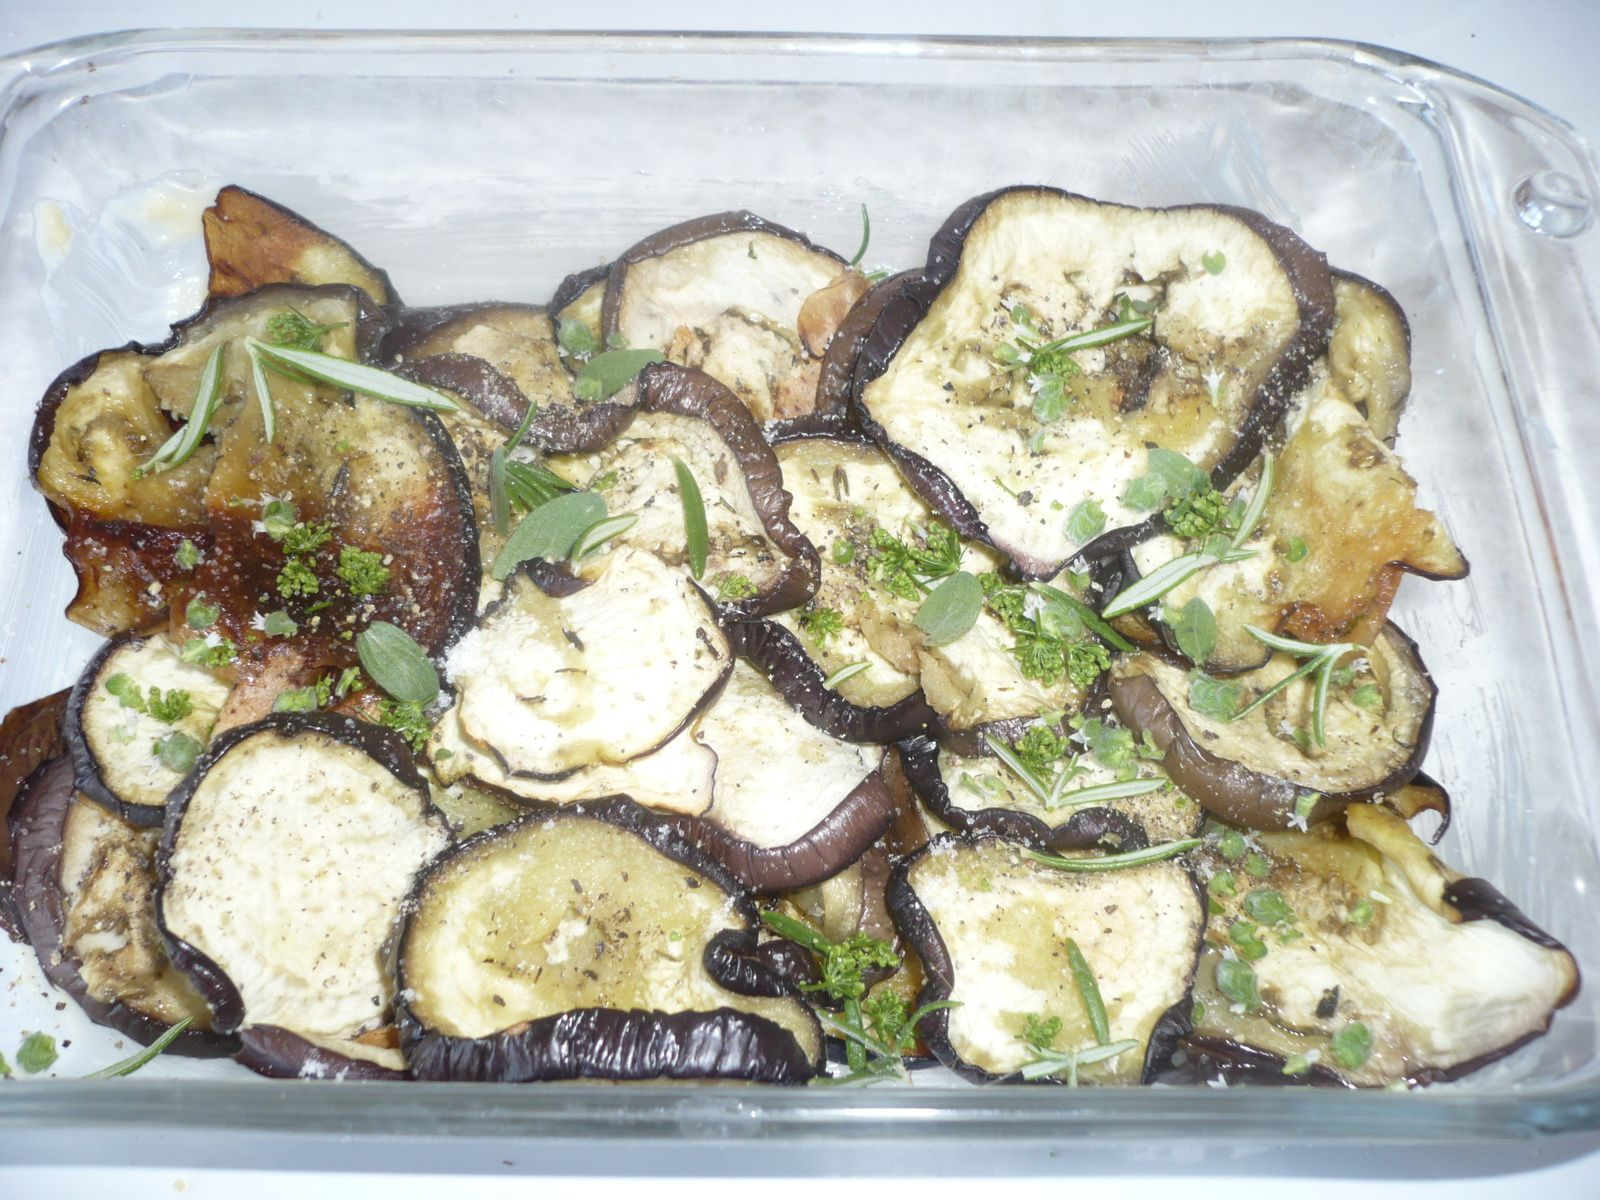 Lingue rôtie, fondue d'aubergines, artichauts confits, fleur de cerfeuil